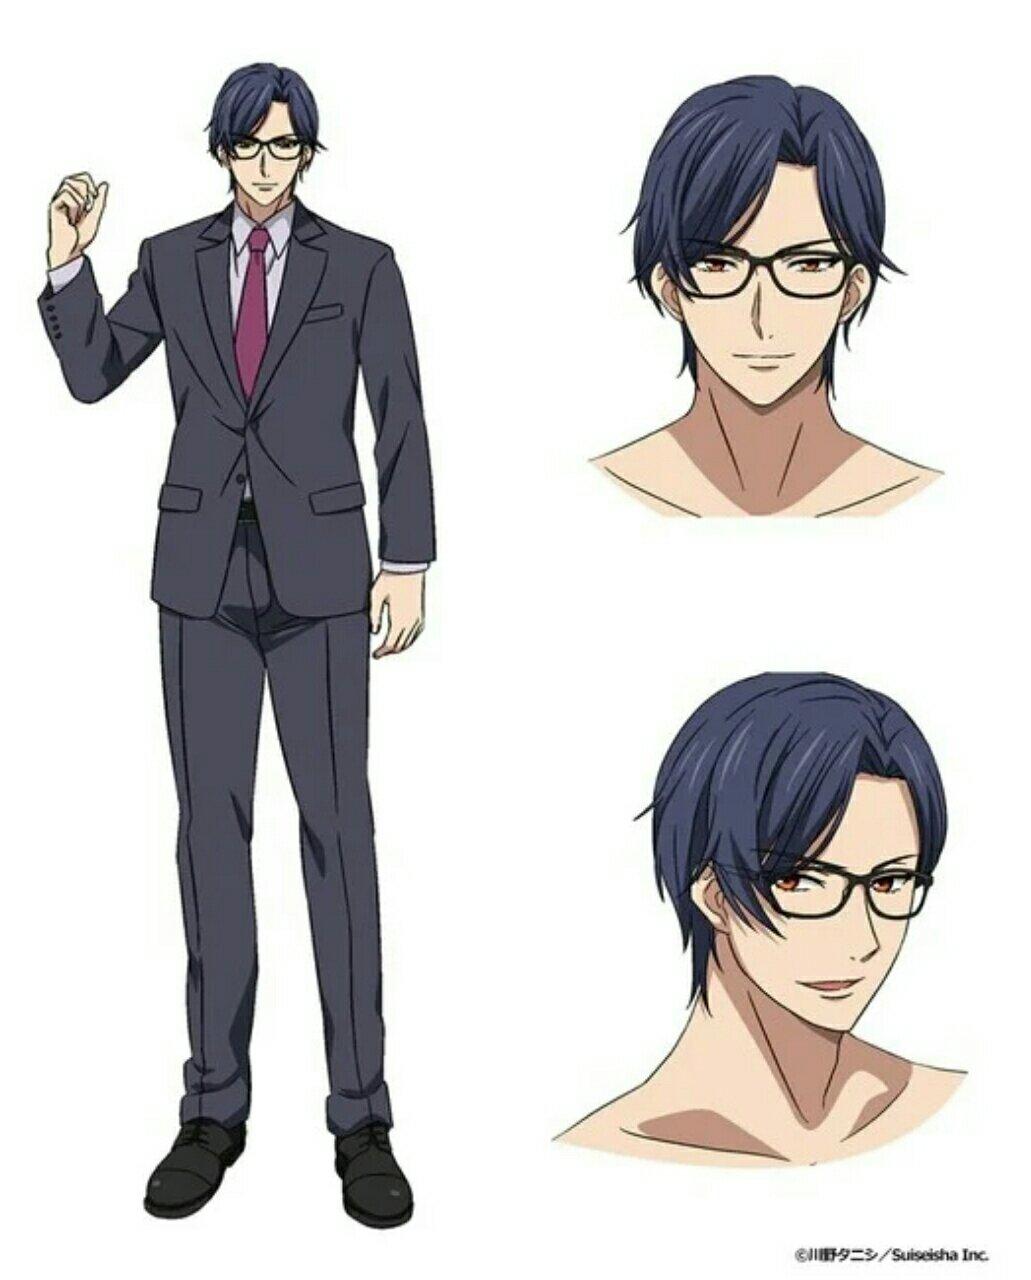 Anime Damkar Yubisaki kara no Honki no Netsujō 2 Diperankan oleh Shunichi Toki 2